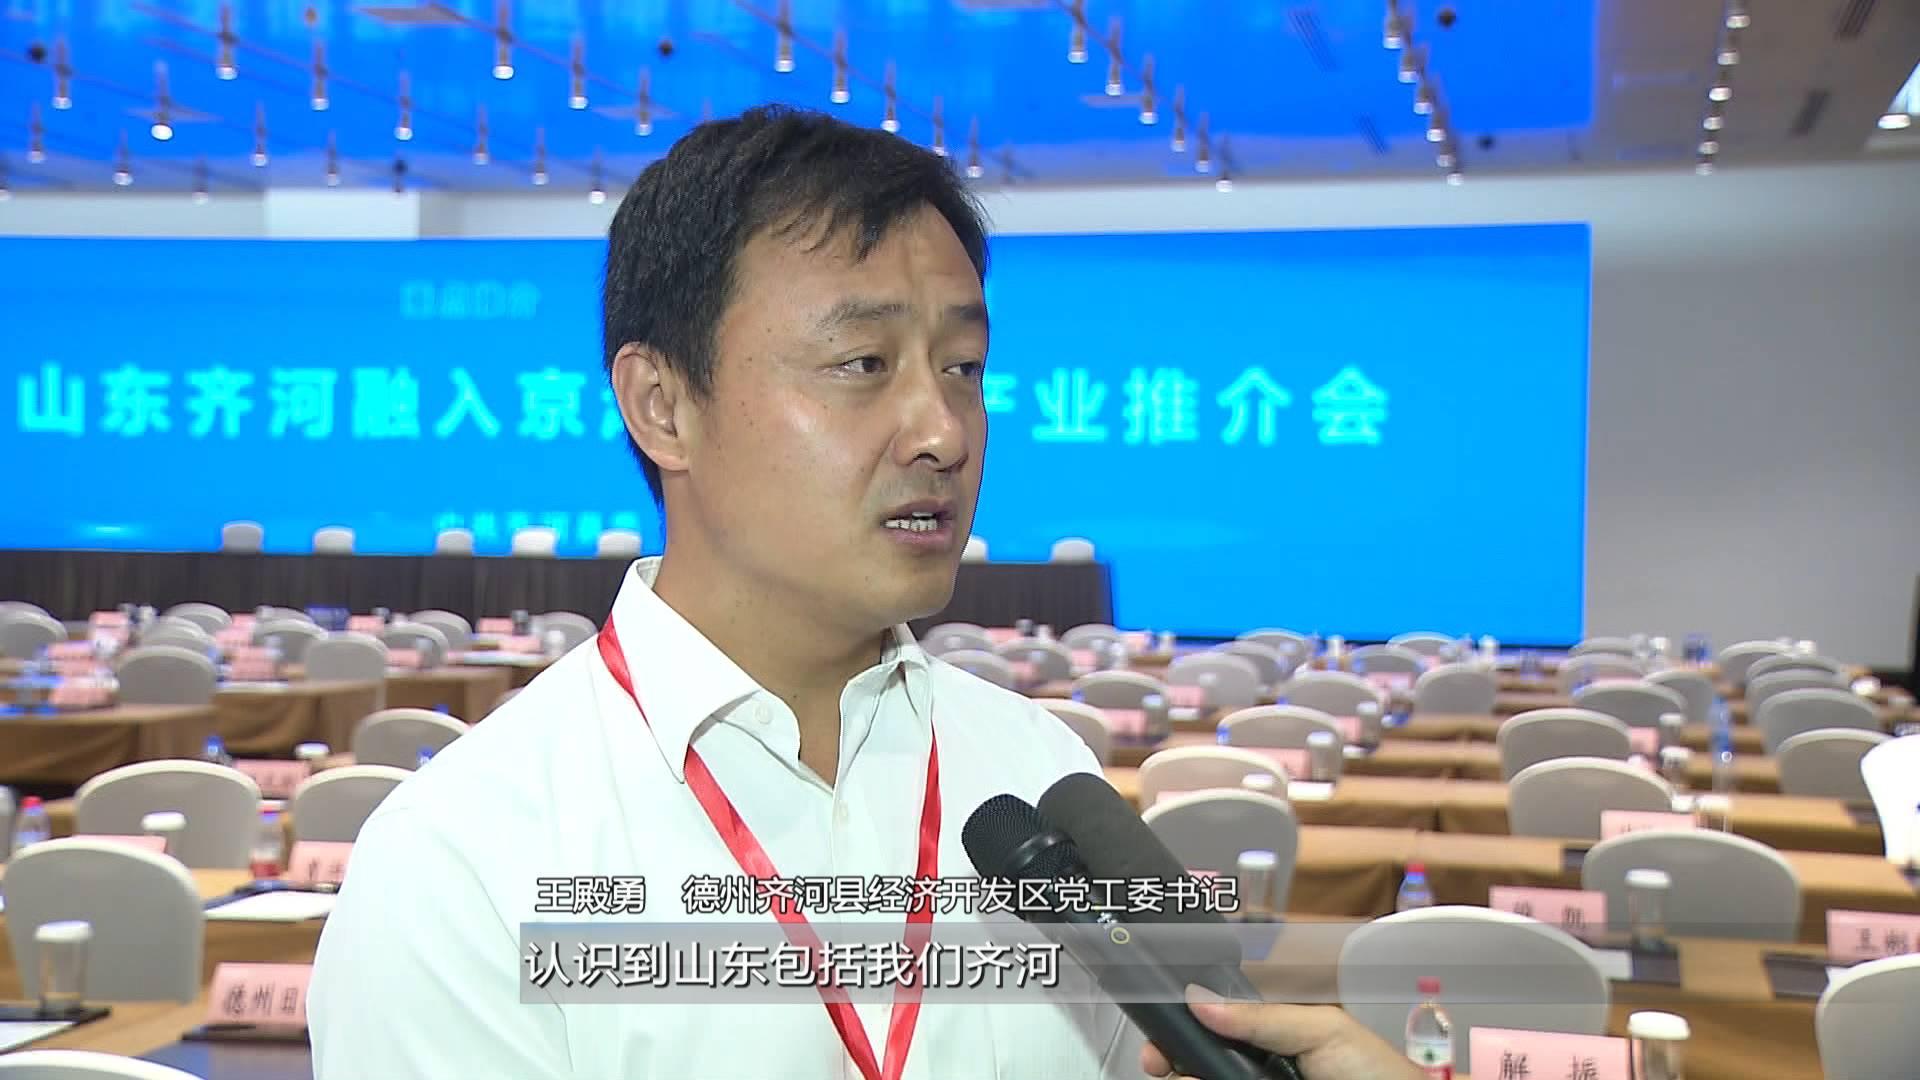 敢领改革风气之先丨齐河县经济开发区党工委书记王殿勇:下大力气扶持产业